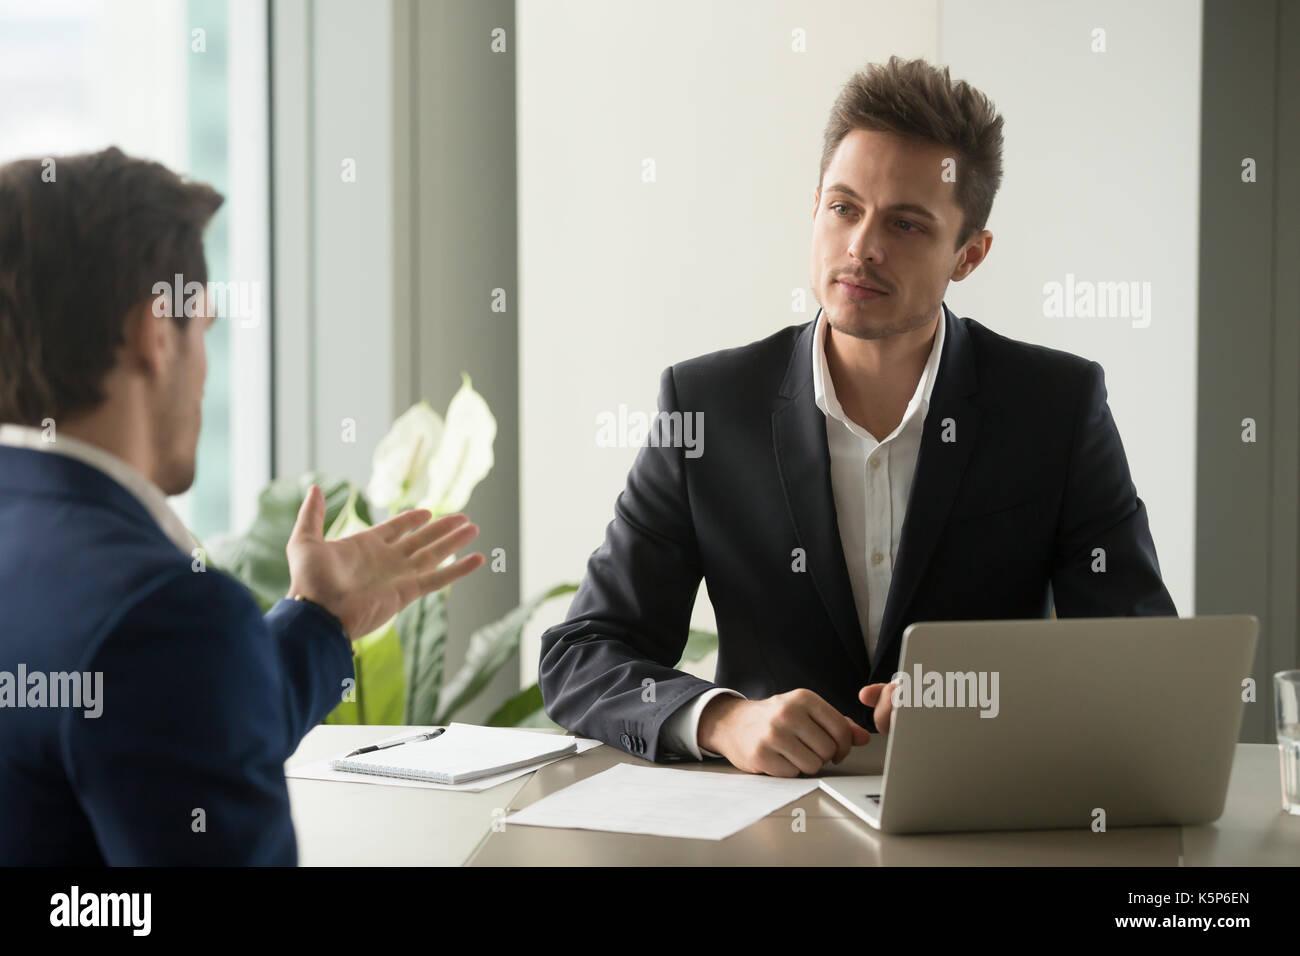 Imprenditore focalizzato partner di ascolto buona offerta Immagini Stock